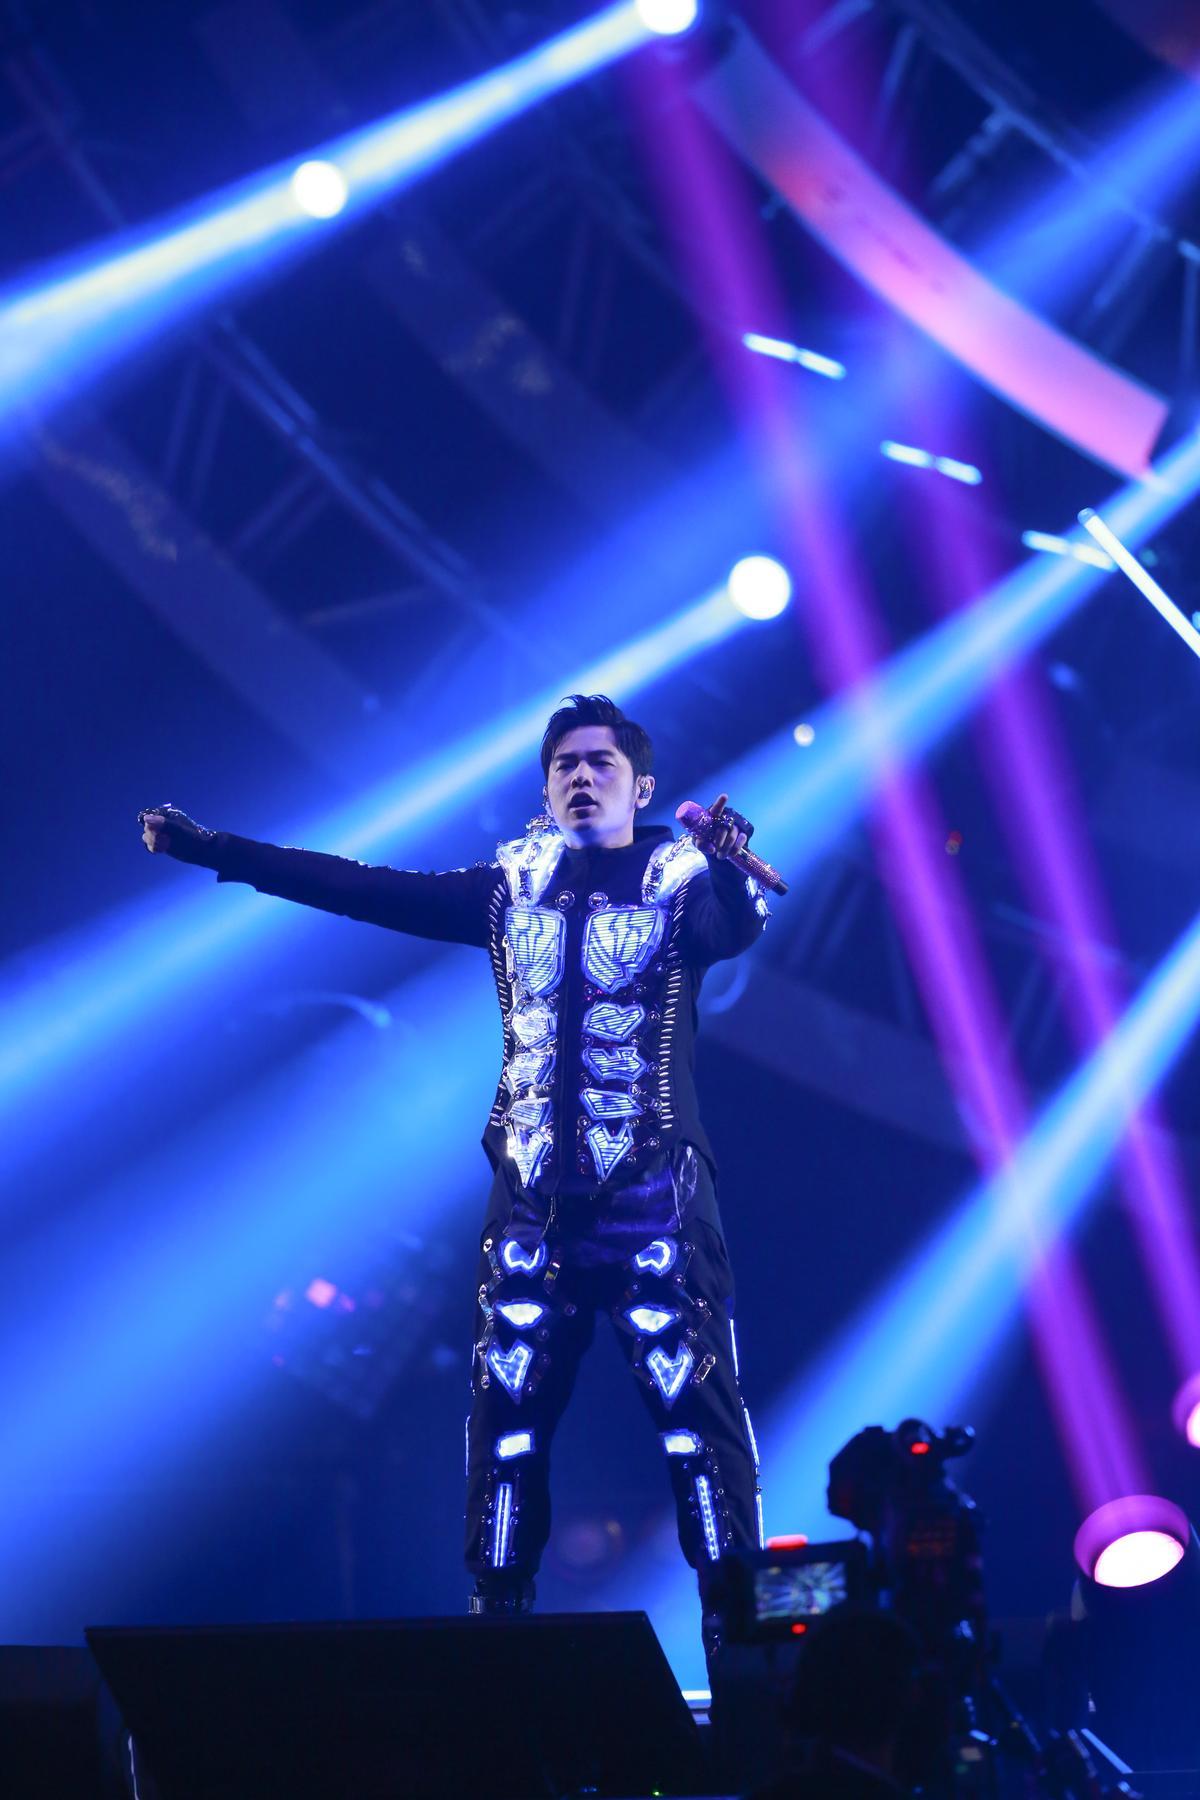 周杰倫台北演唱會最終場,一開場穿著散發藍色光芒的戰甲登場。